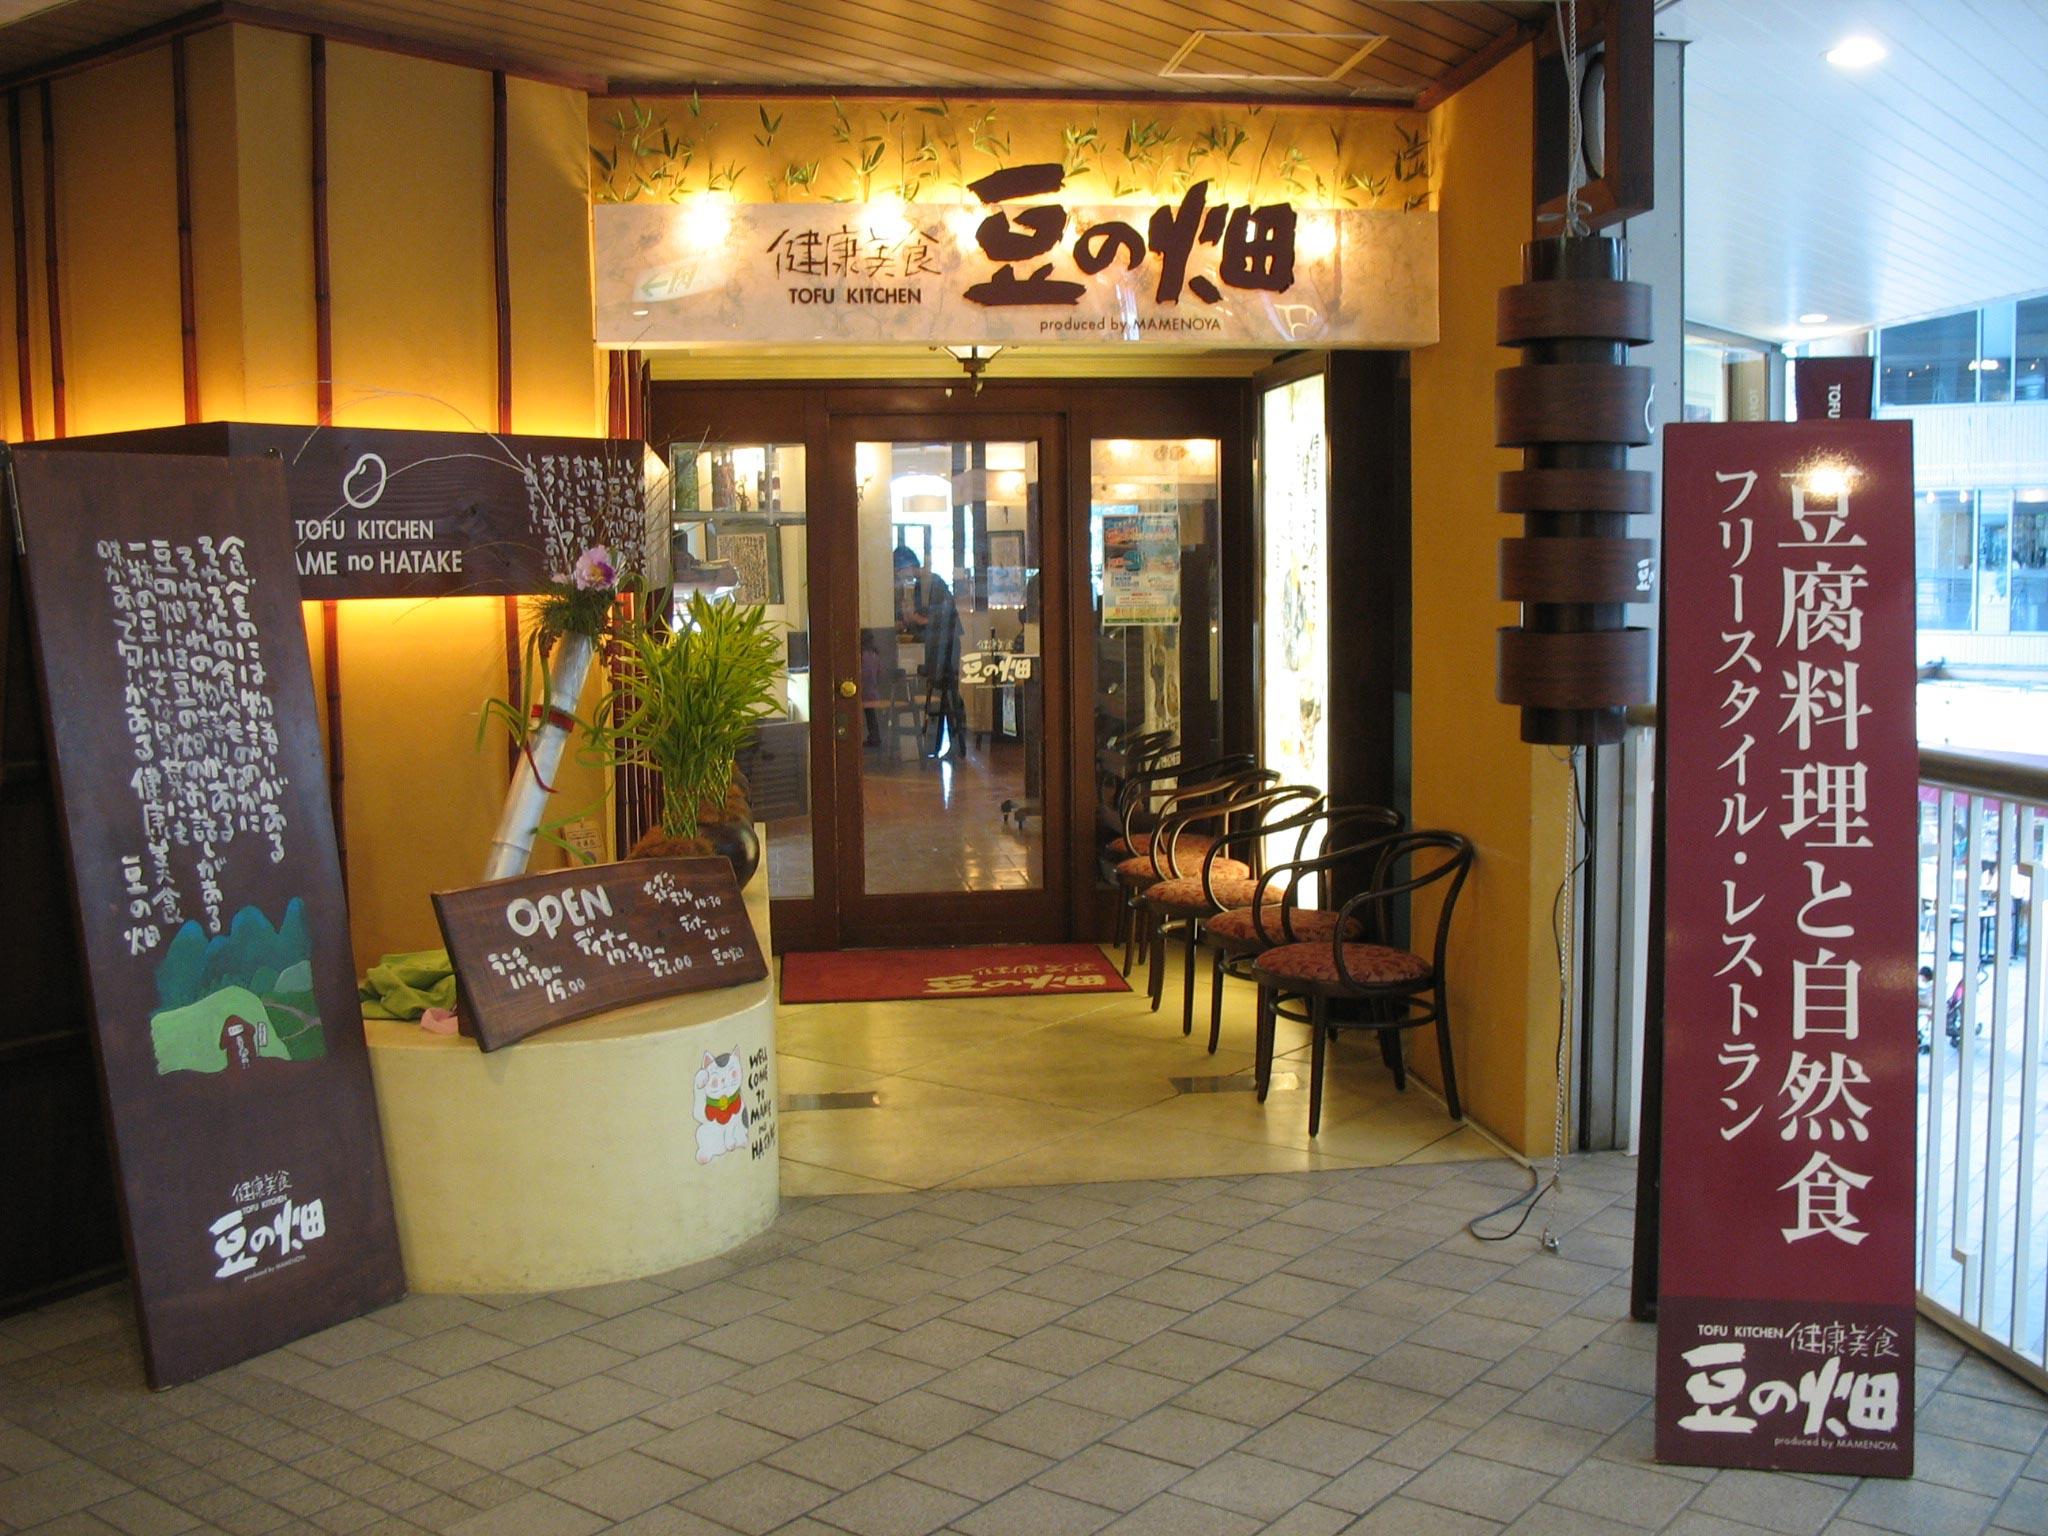 新神戸駅のおとなりOPAレストラン